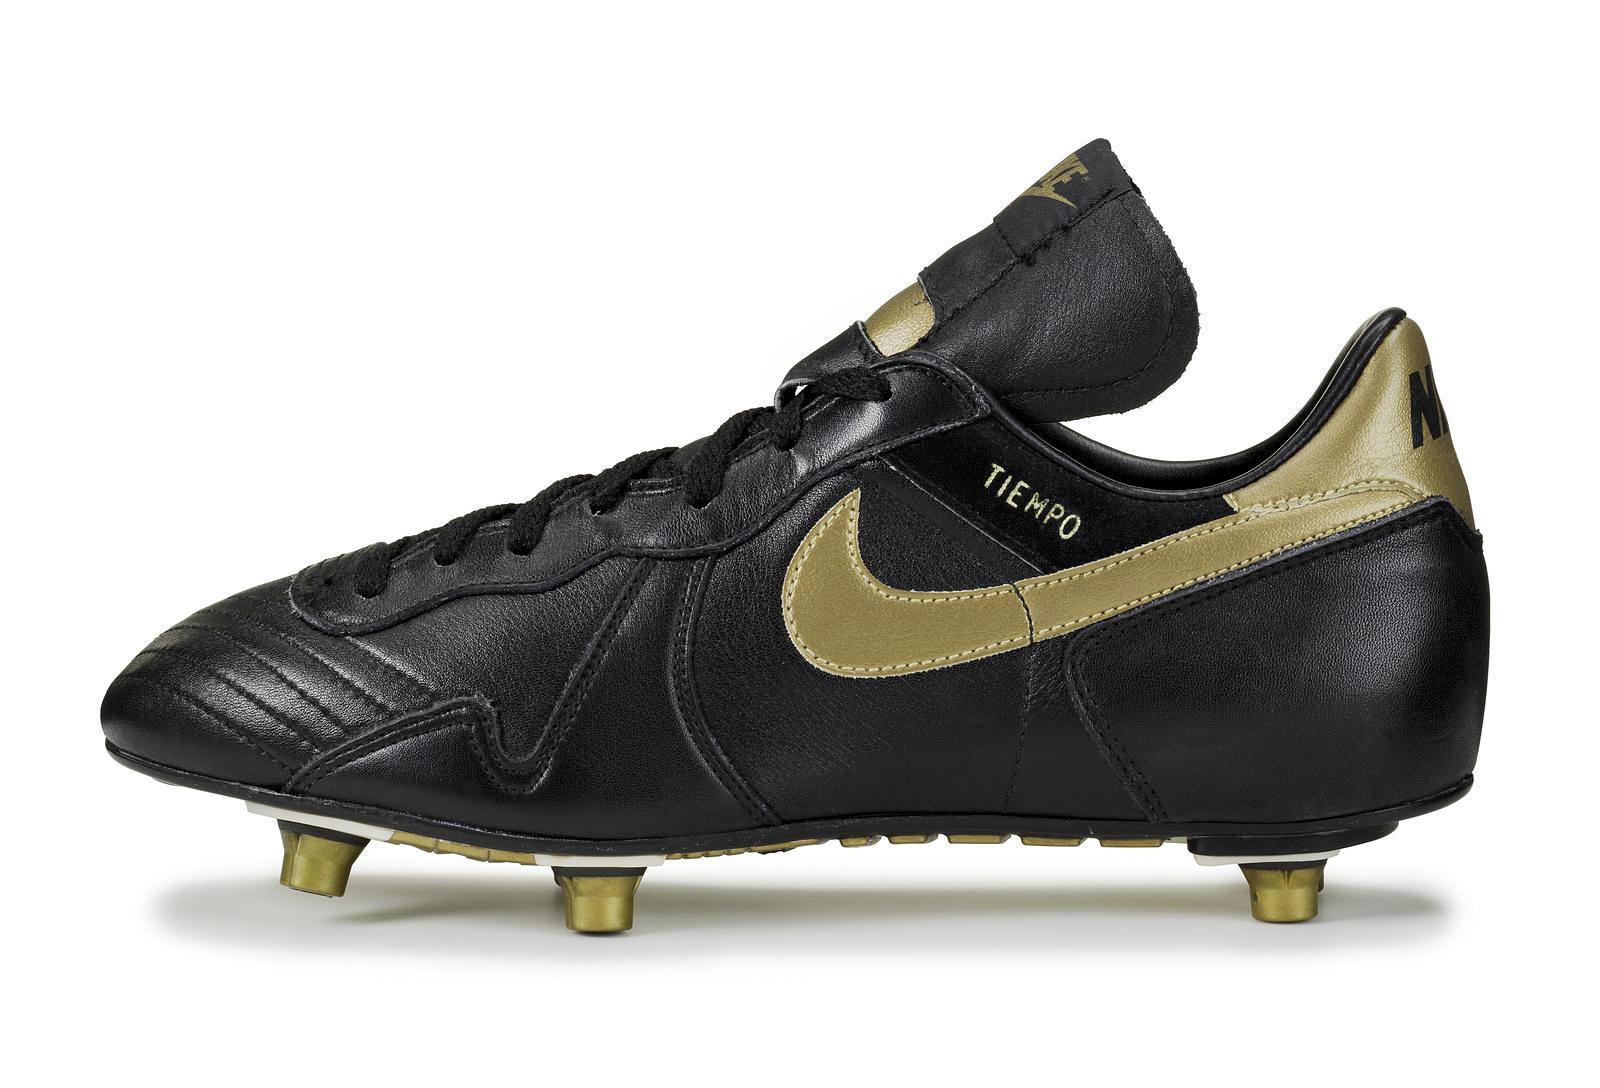 Nike-Football-Original-Tiempo-D-1985_original_porto